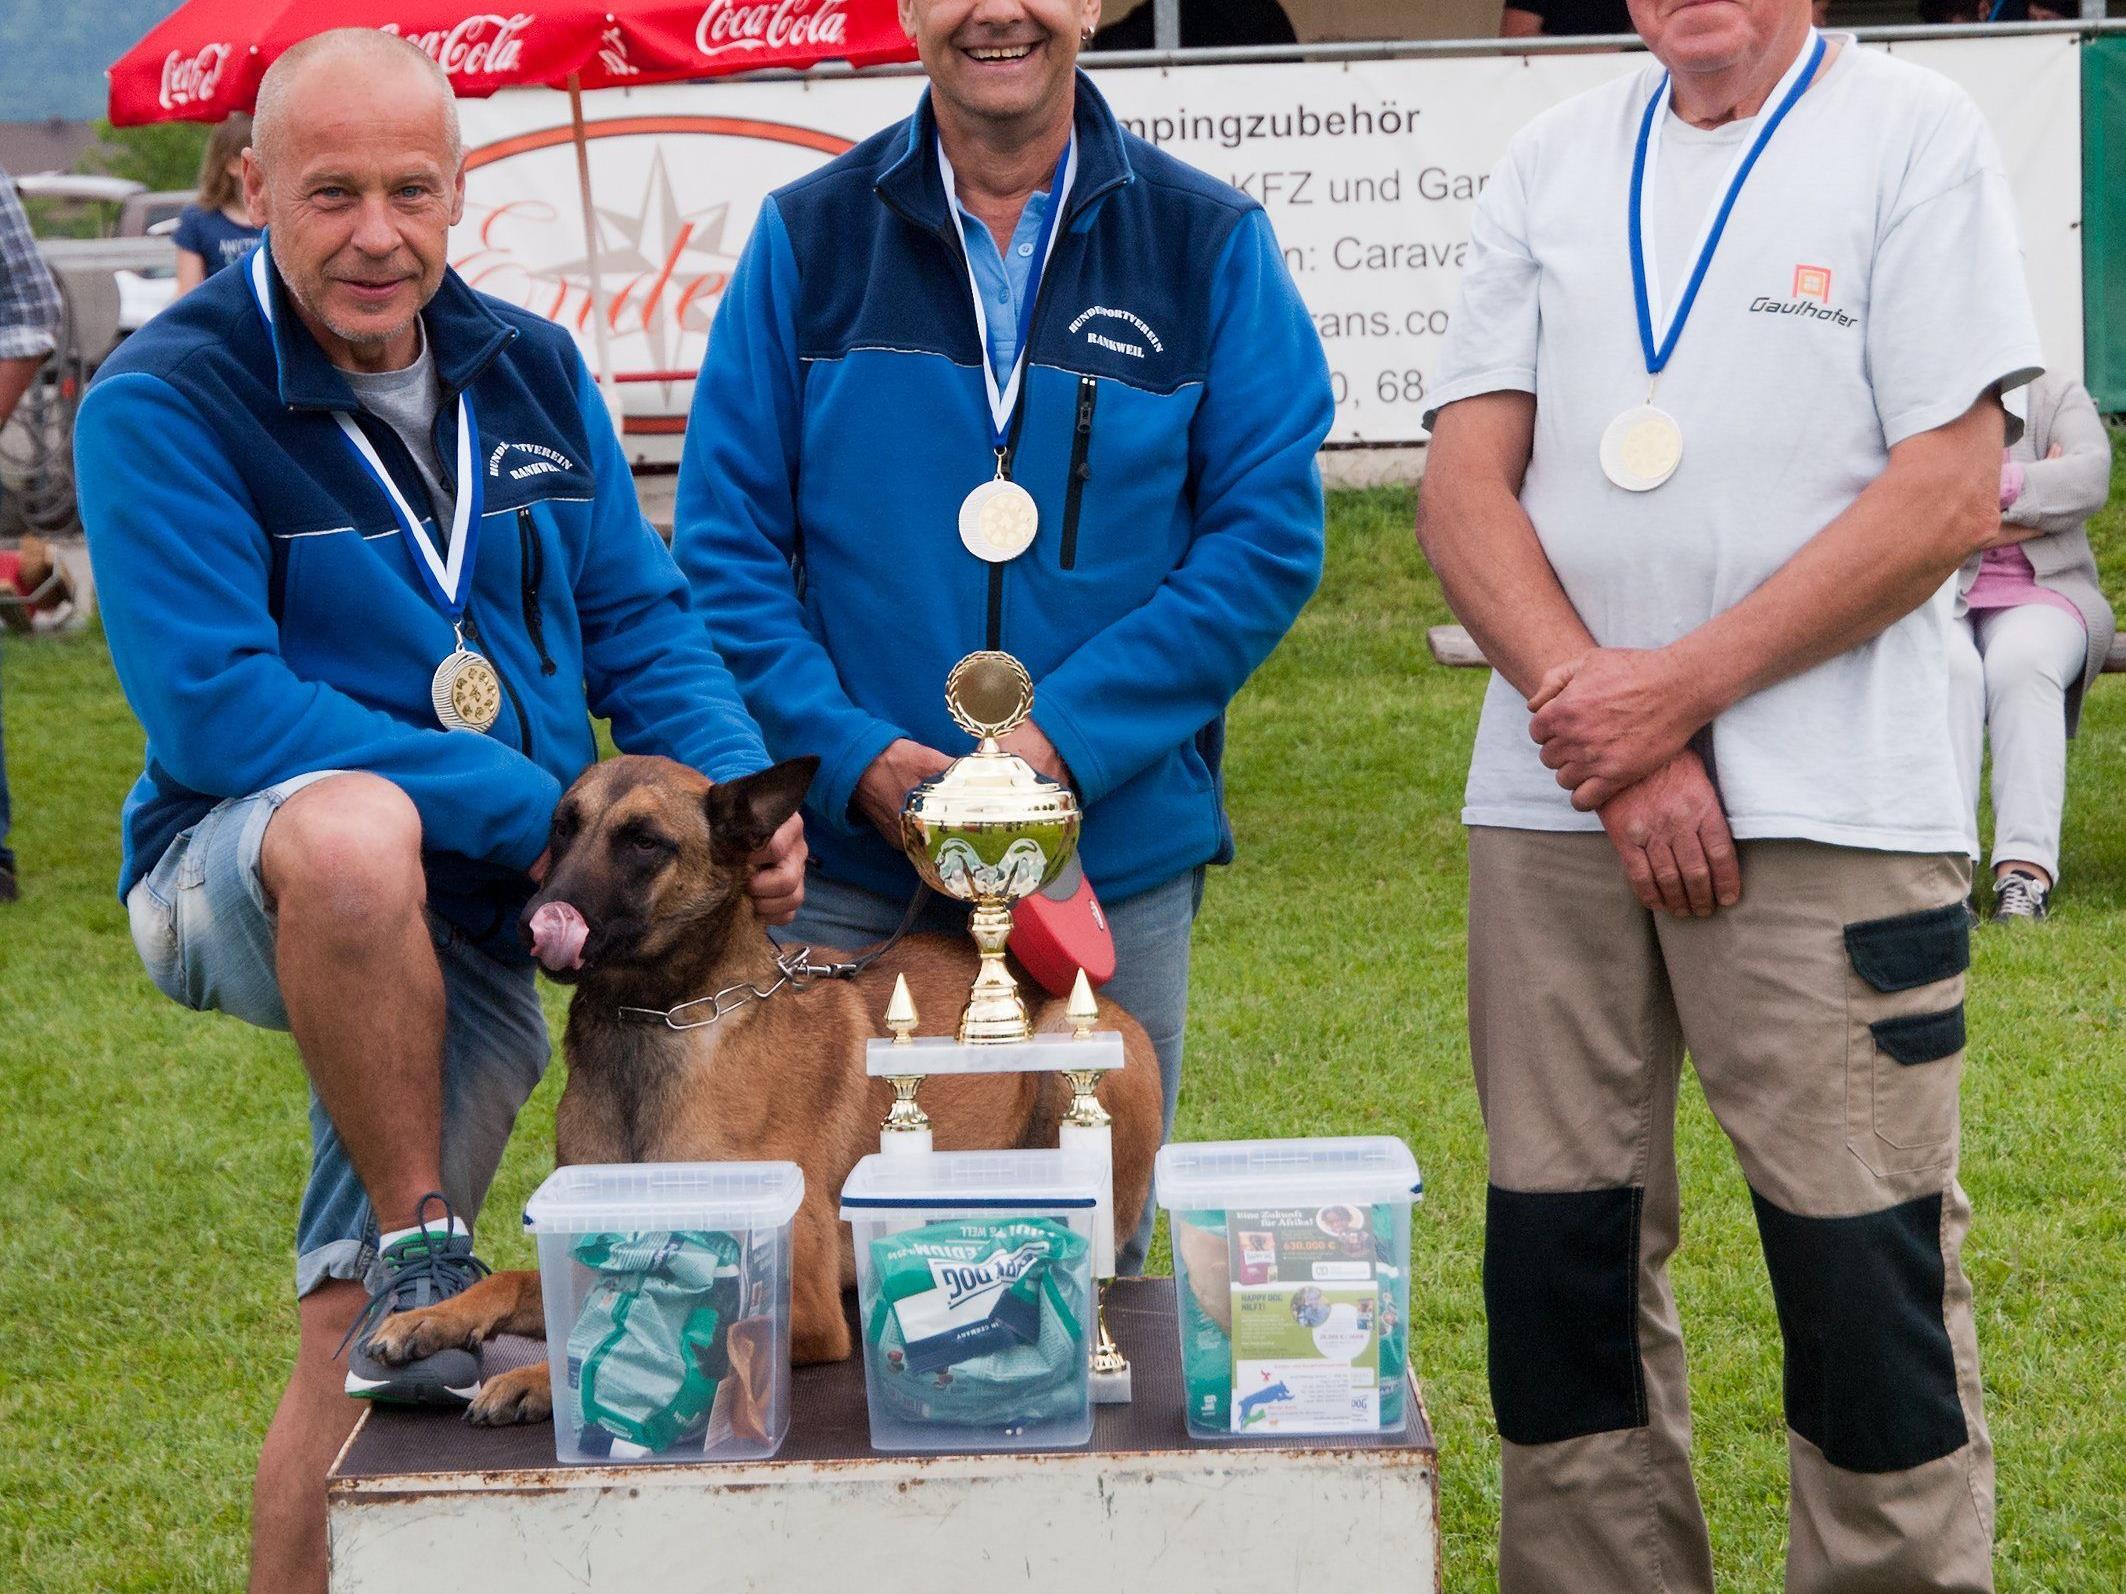 IPO (Internat.Prüfungsordnung)Schutzhundesportler:Rang 2- Klaus Cajcmann,Harald Spanner,Heinz Jerg